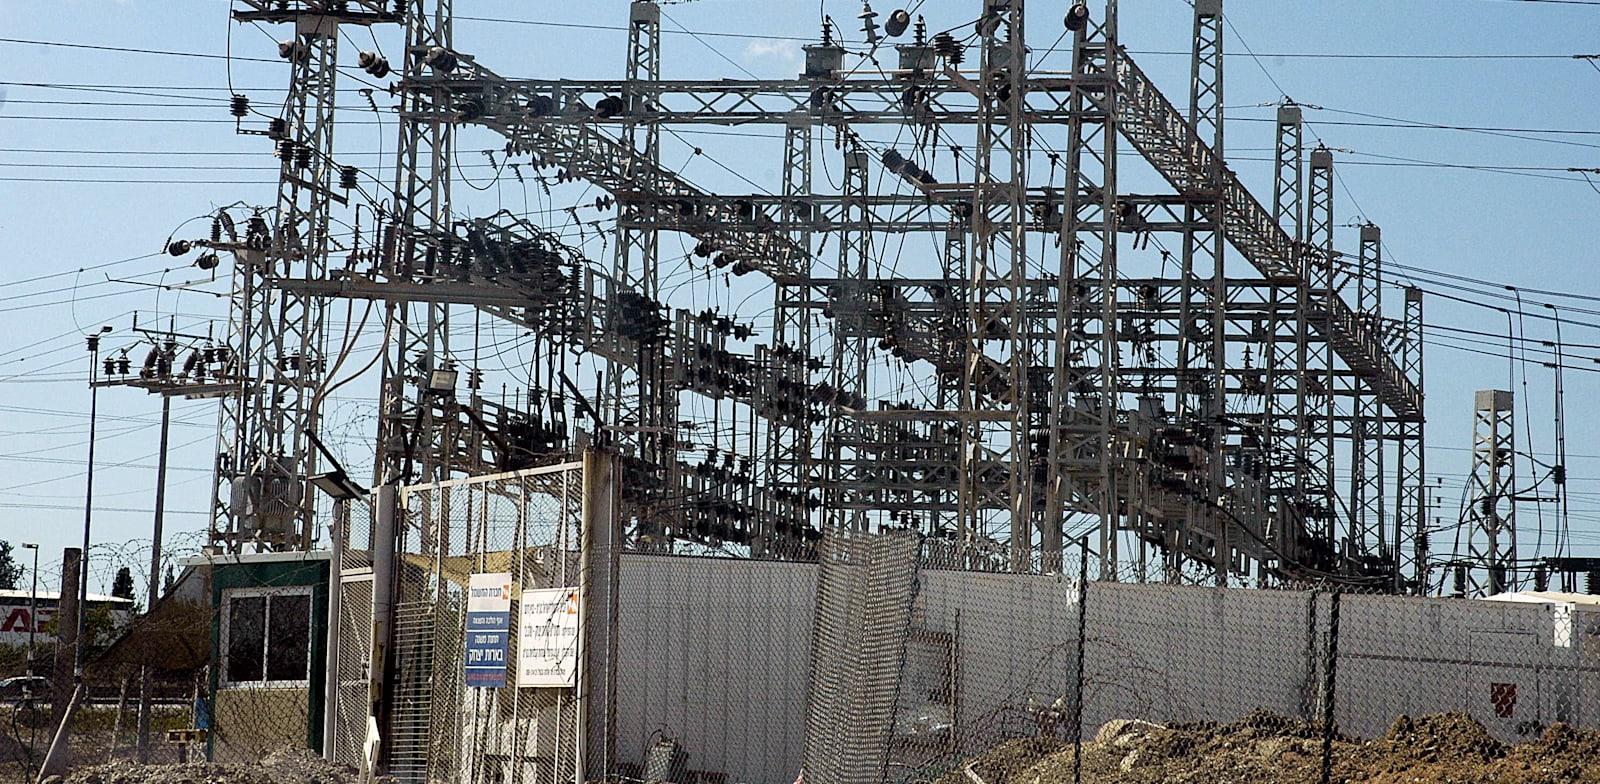 חברת החשמל / צילום: תמר מצפי